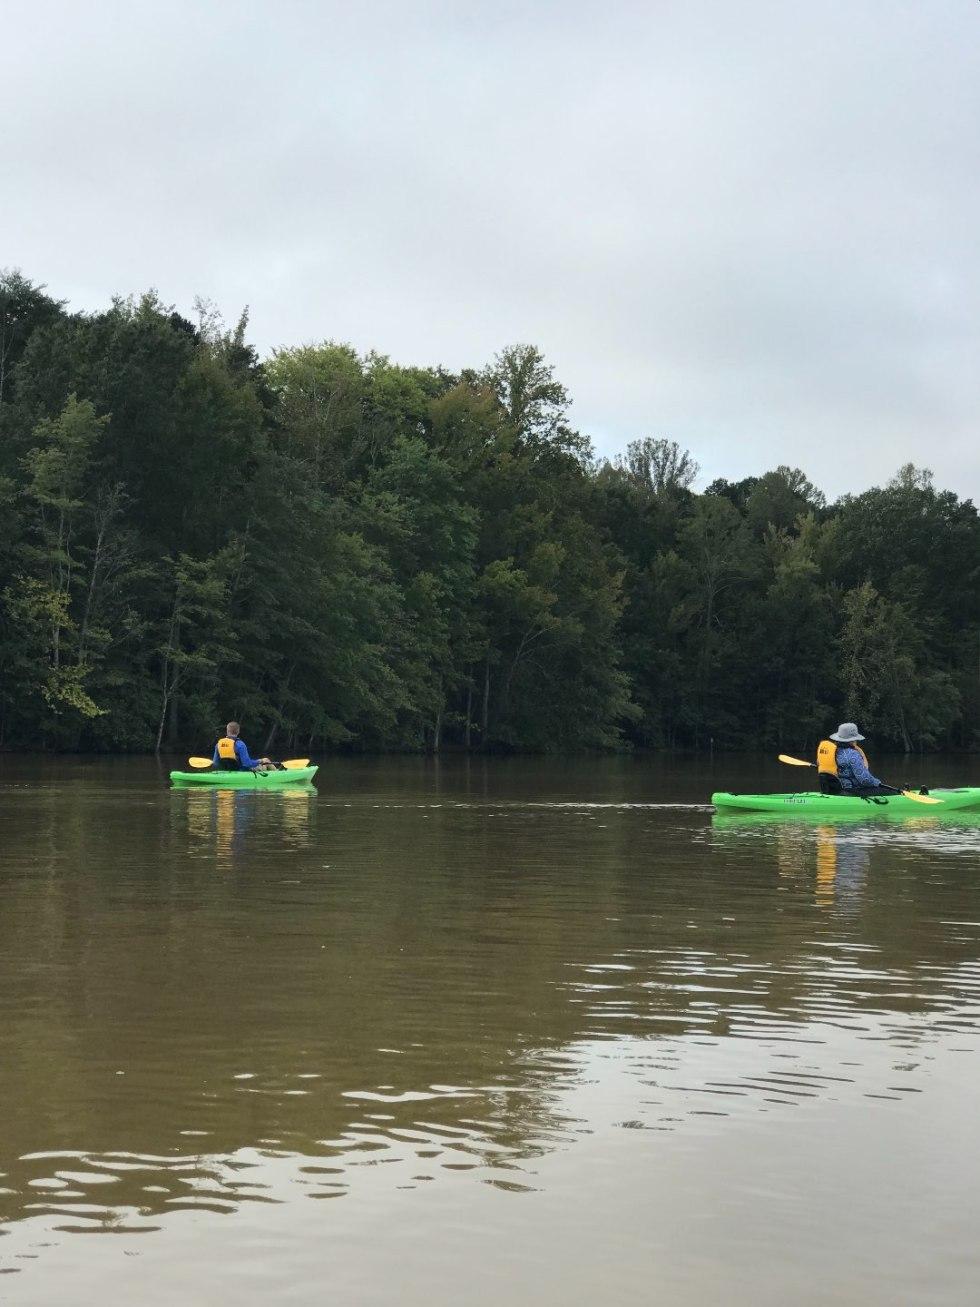 North Carolina Favorite: Kayaking Lake Brandt with REI - I'm Fixin' To - @mbg0112